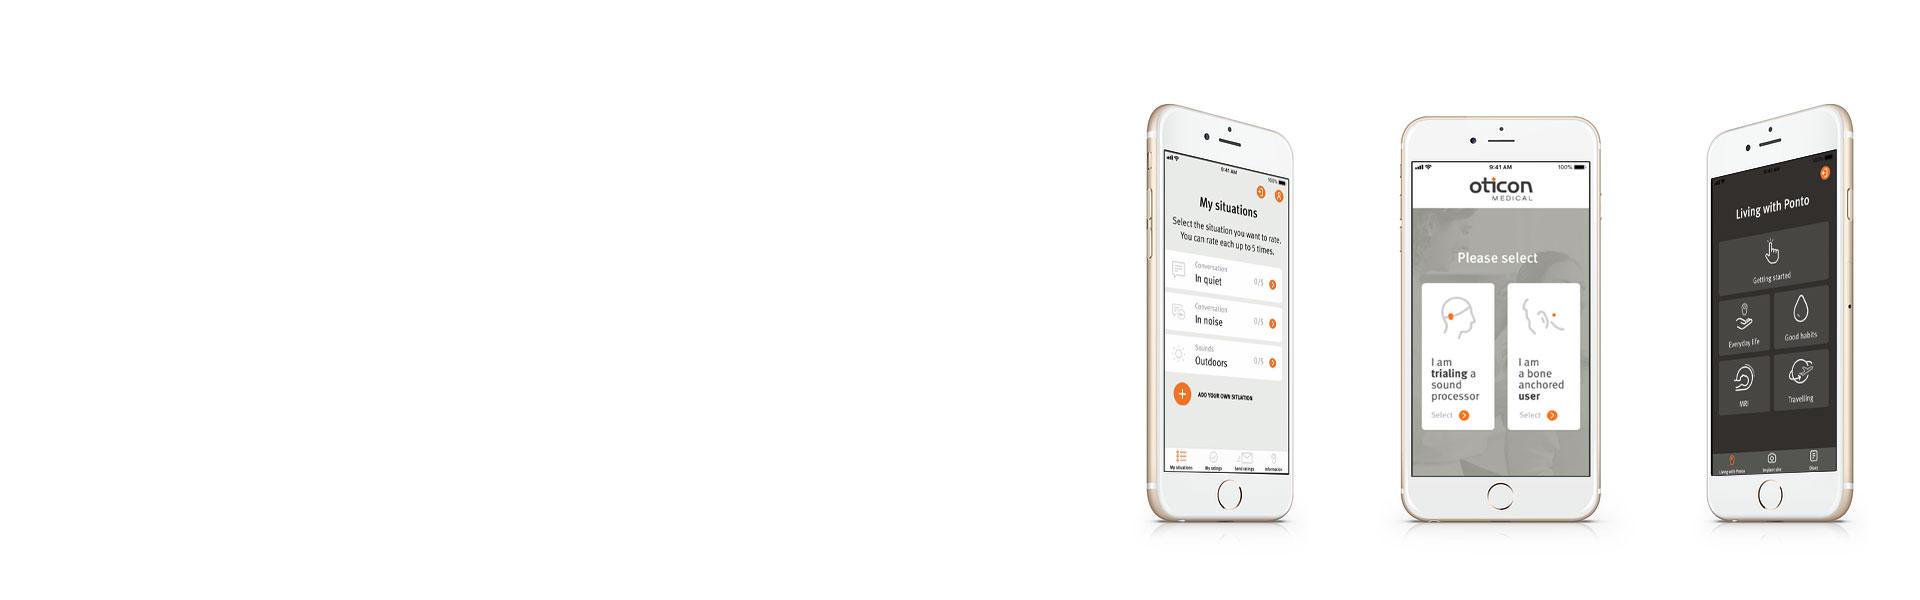 1920x600-presenting-ponto-care-app